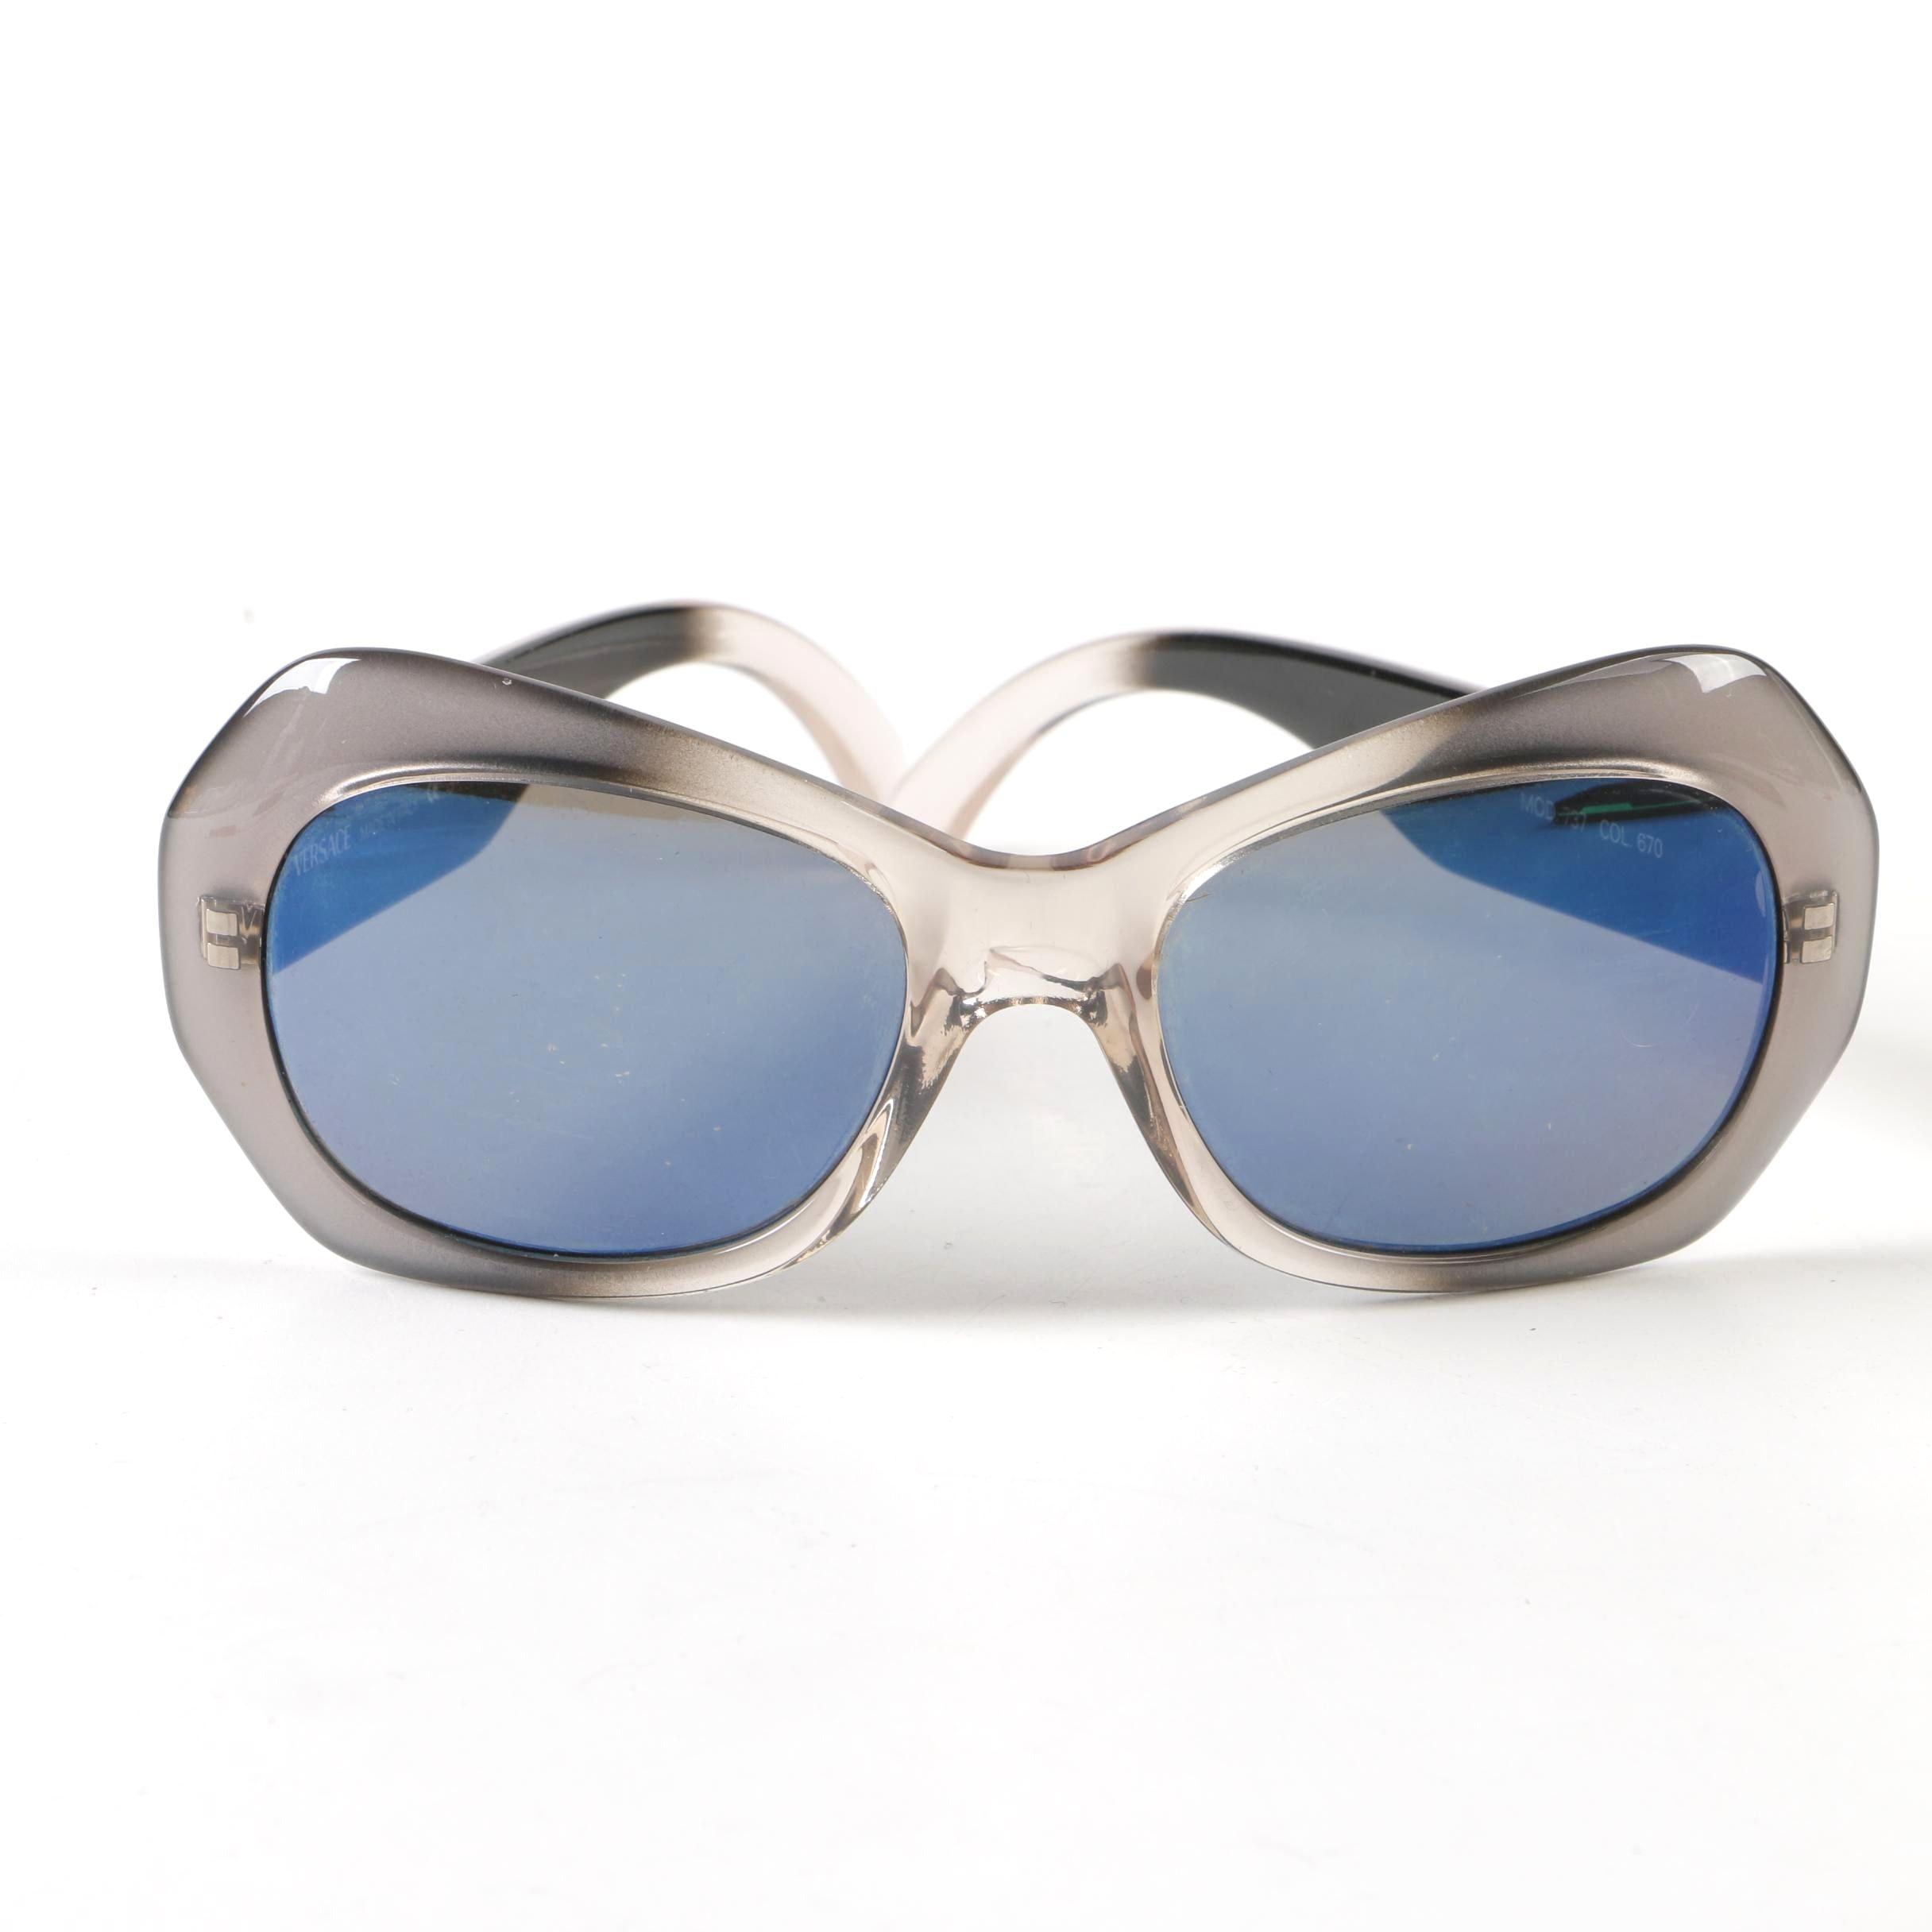 Versace Ombré Modified Cat Eye Sunglasses, Vintage